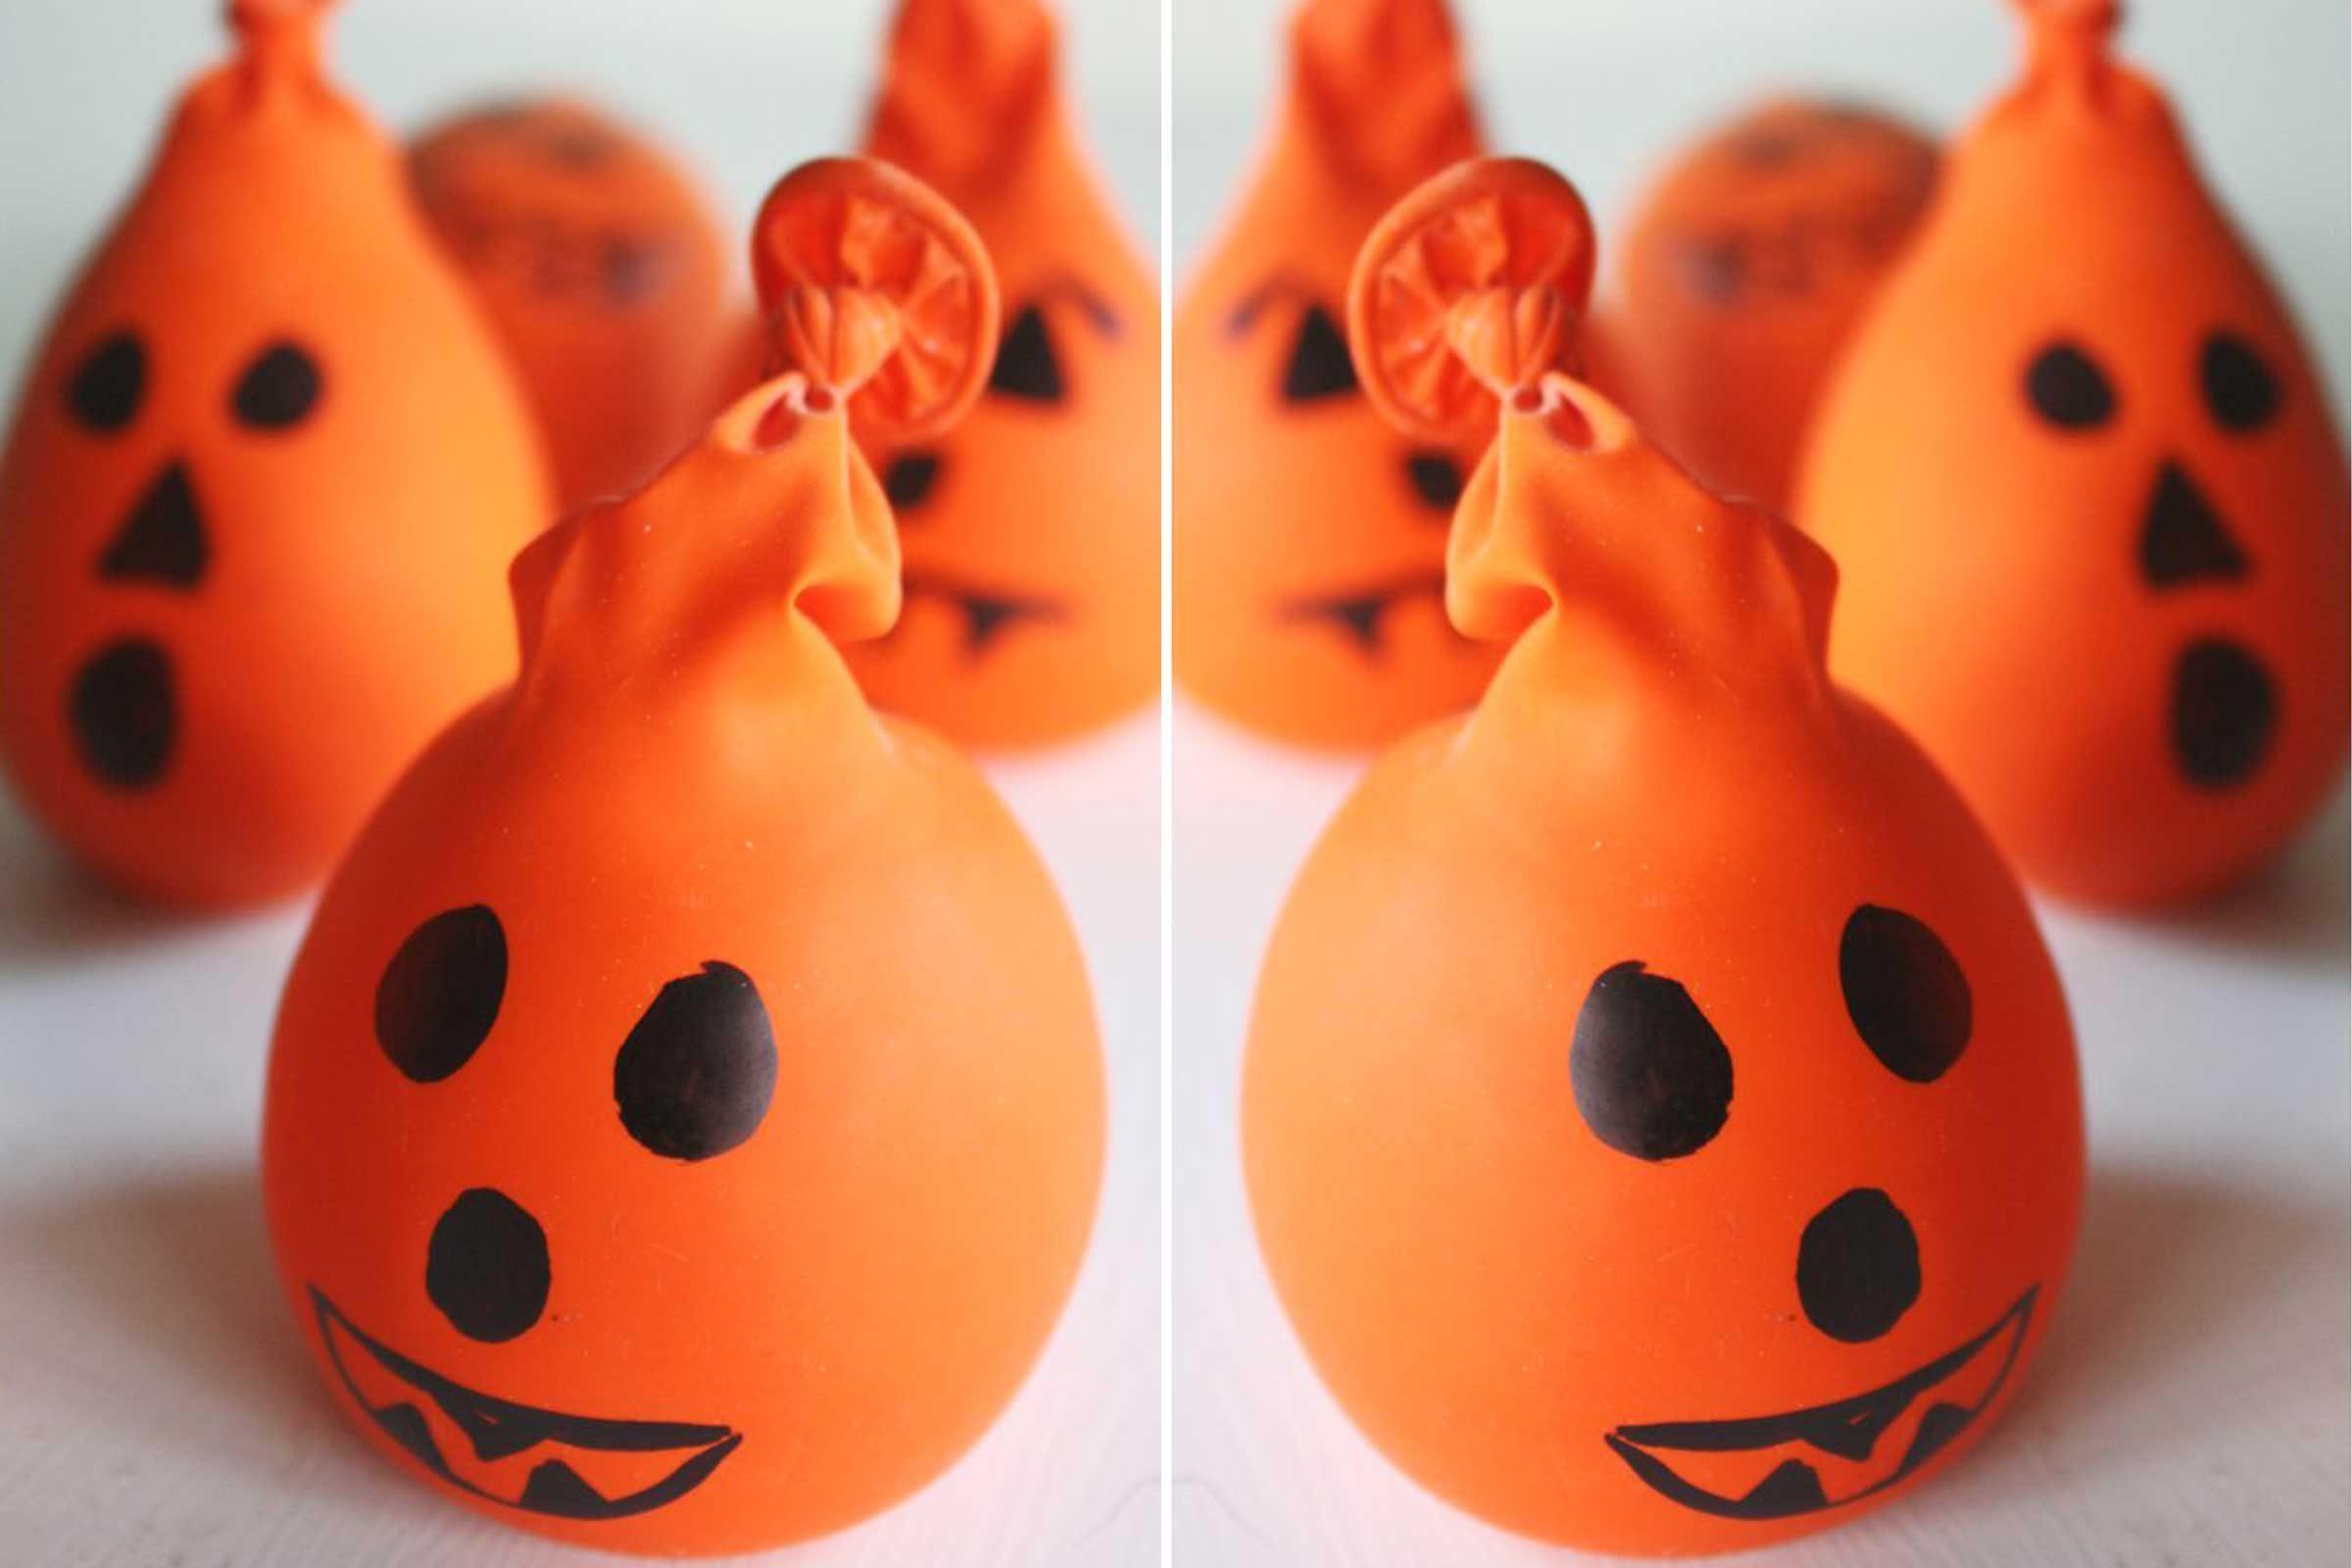 02-kids-halloween-crafts-stress-balls